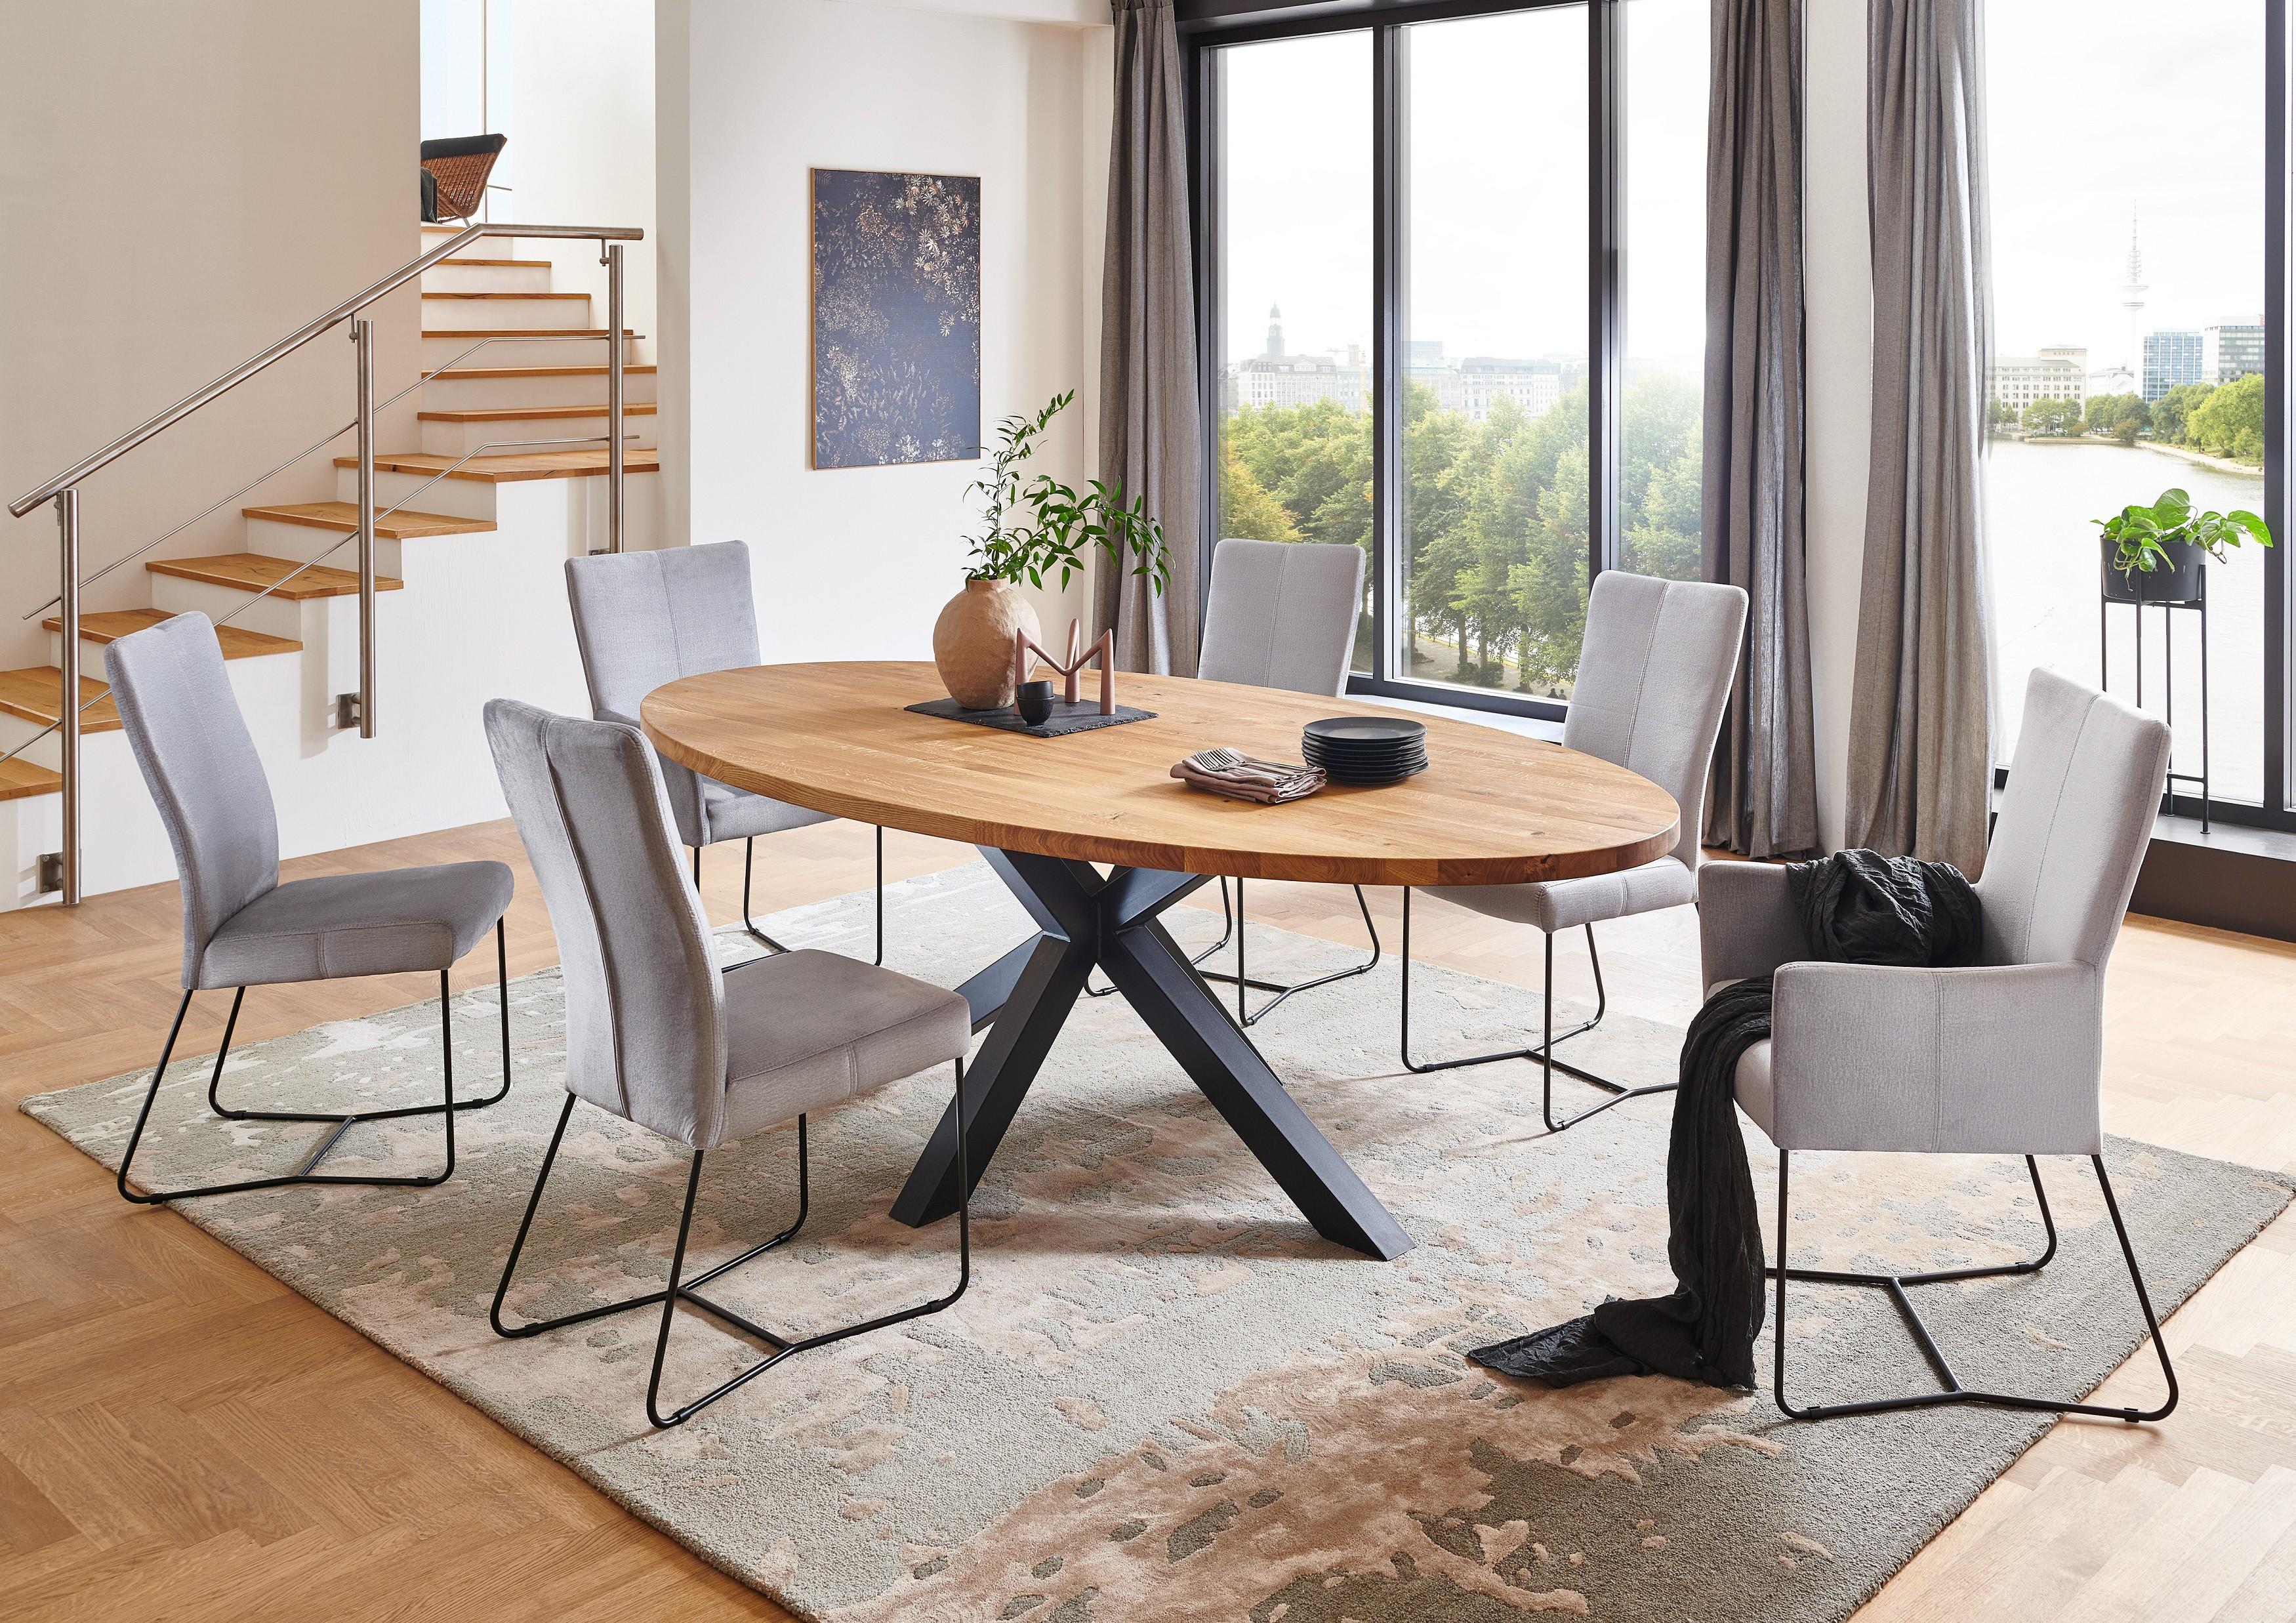 Coen ovalus pietų stalas